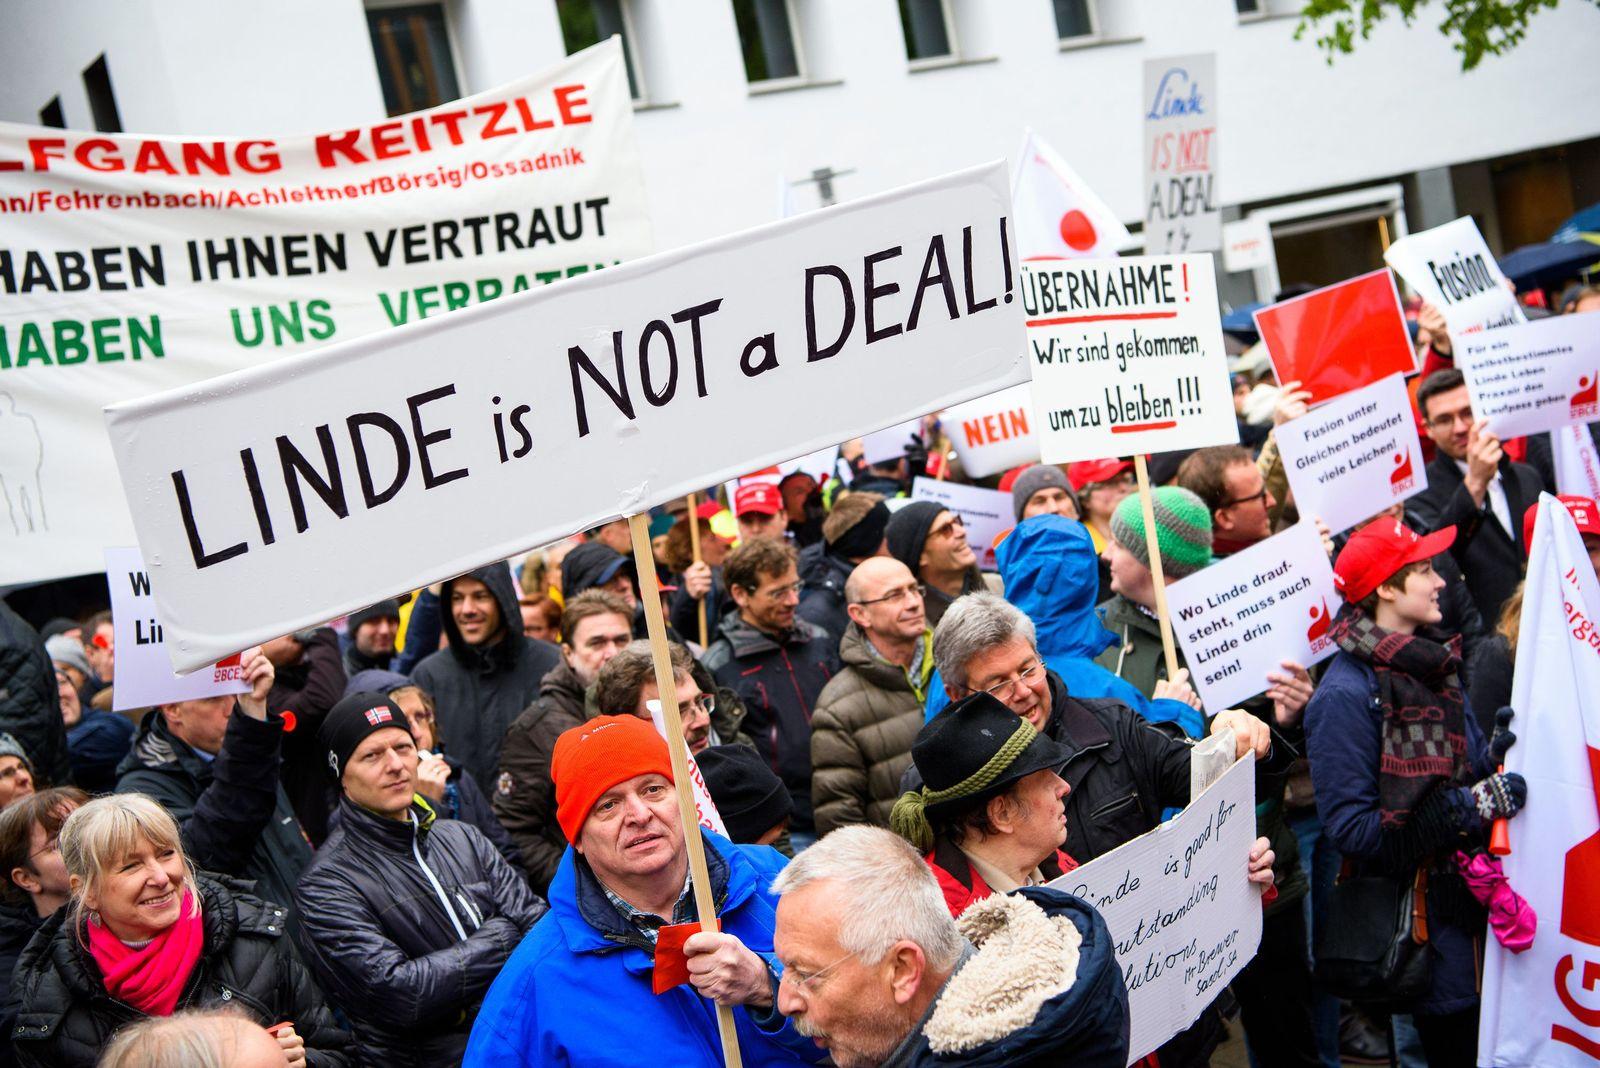 Aktionstag gegen geplante Linde-Praxair-Fusion